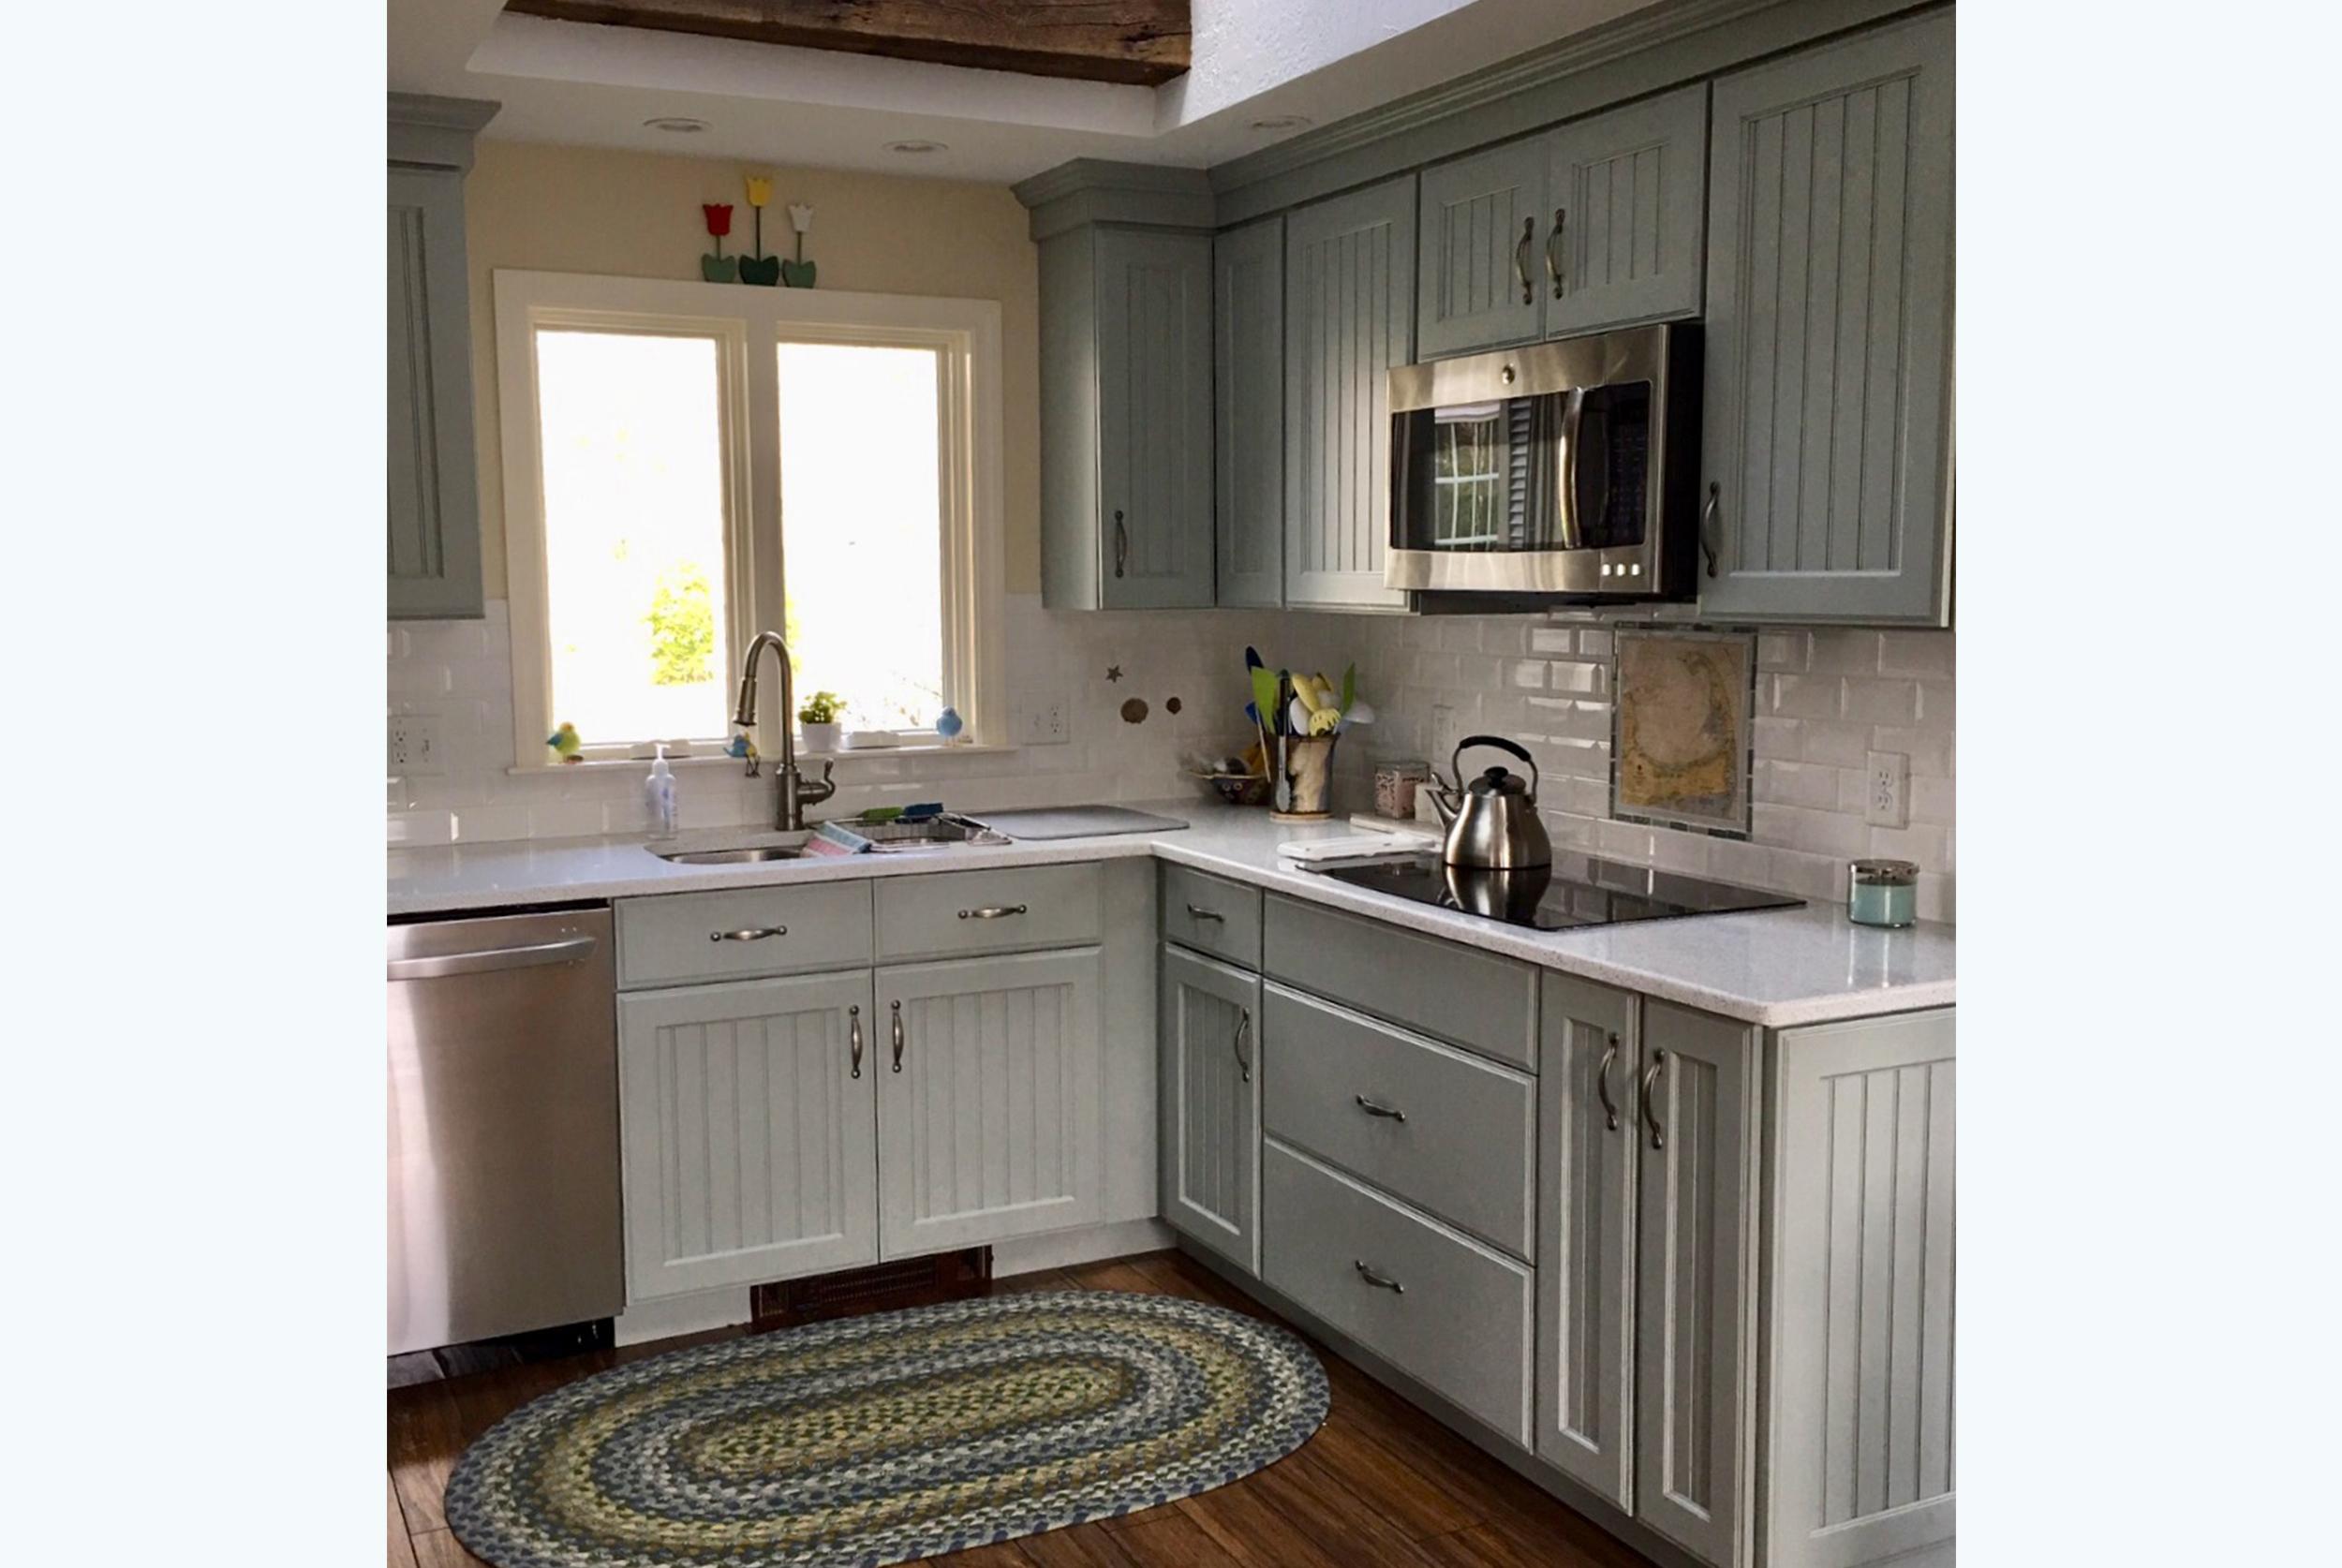 SH_kitchen.jpg